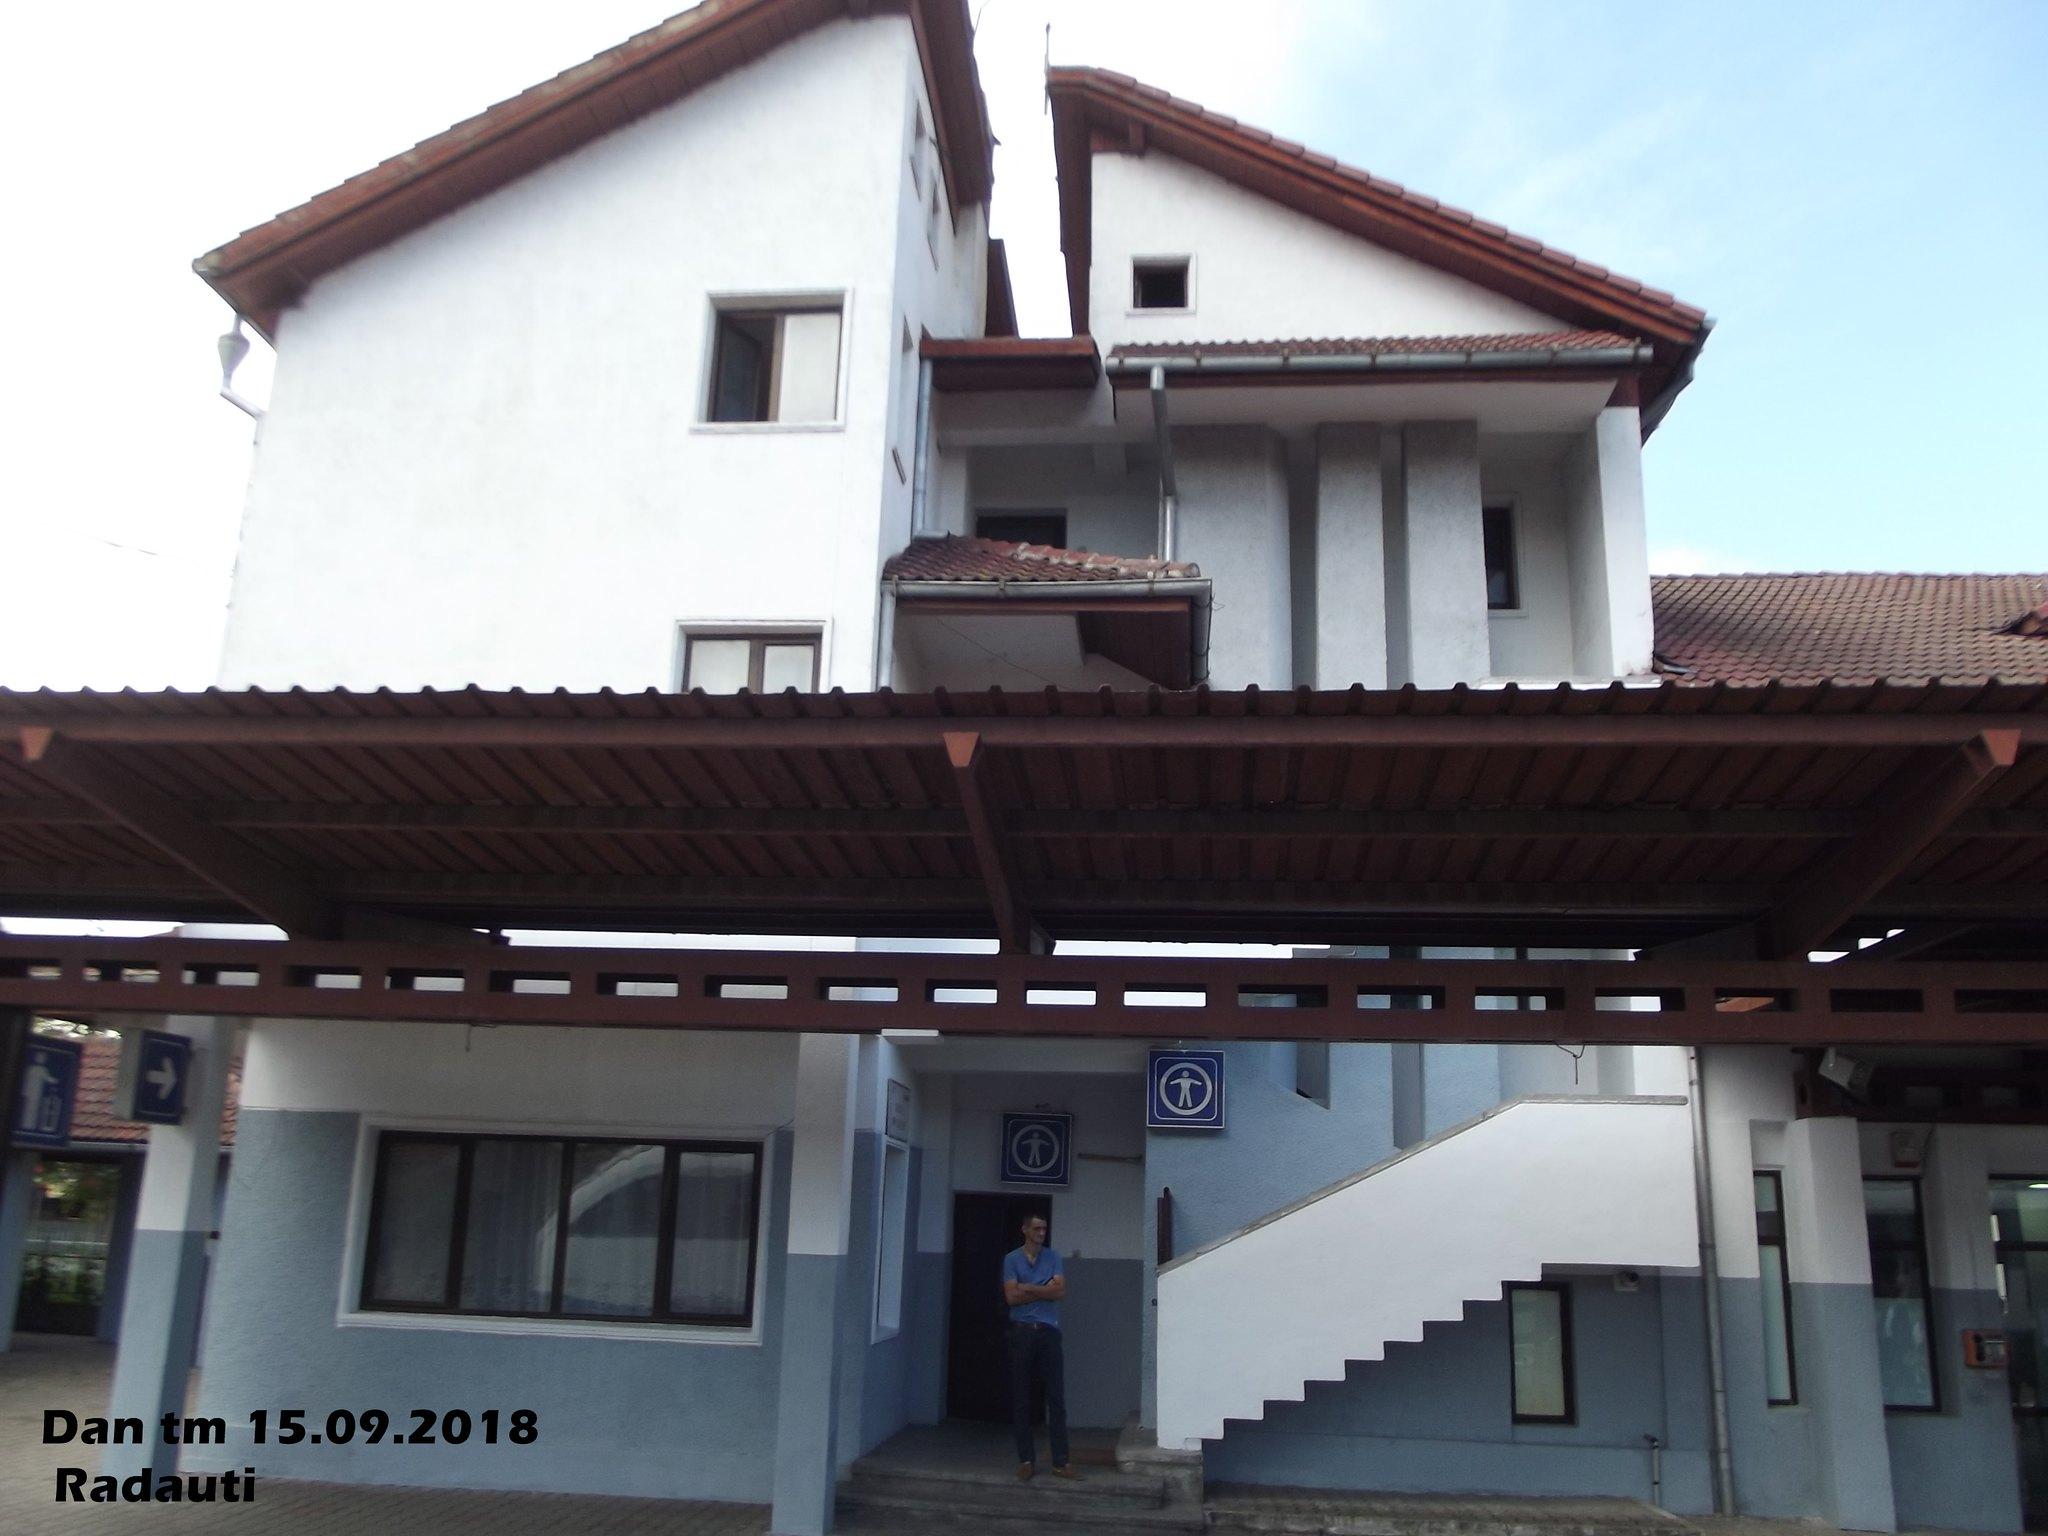 515 : Dorneşti - Gura Putnei - (Putna) - Nisipitu - Seletin UKR - Pagina 47 44685379482_401f0b50af_k